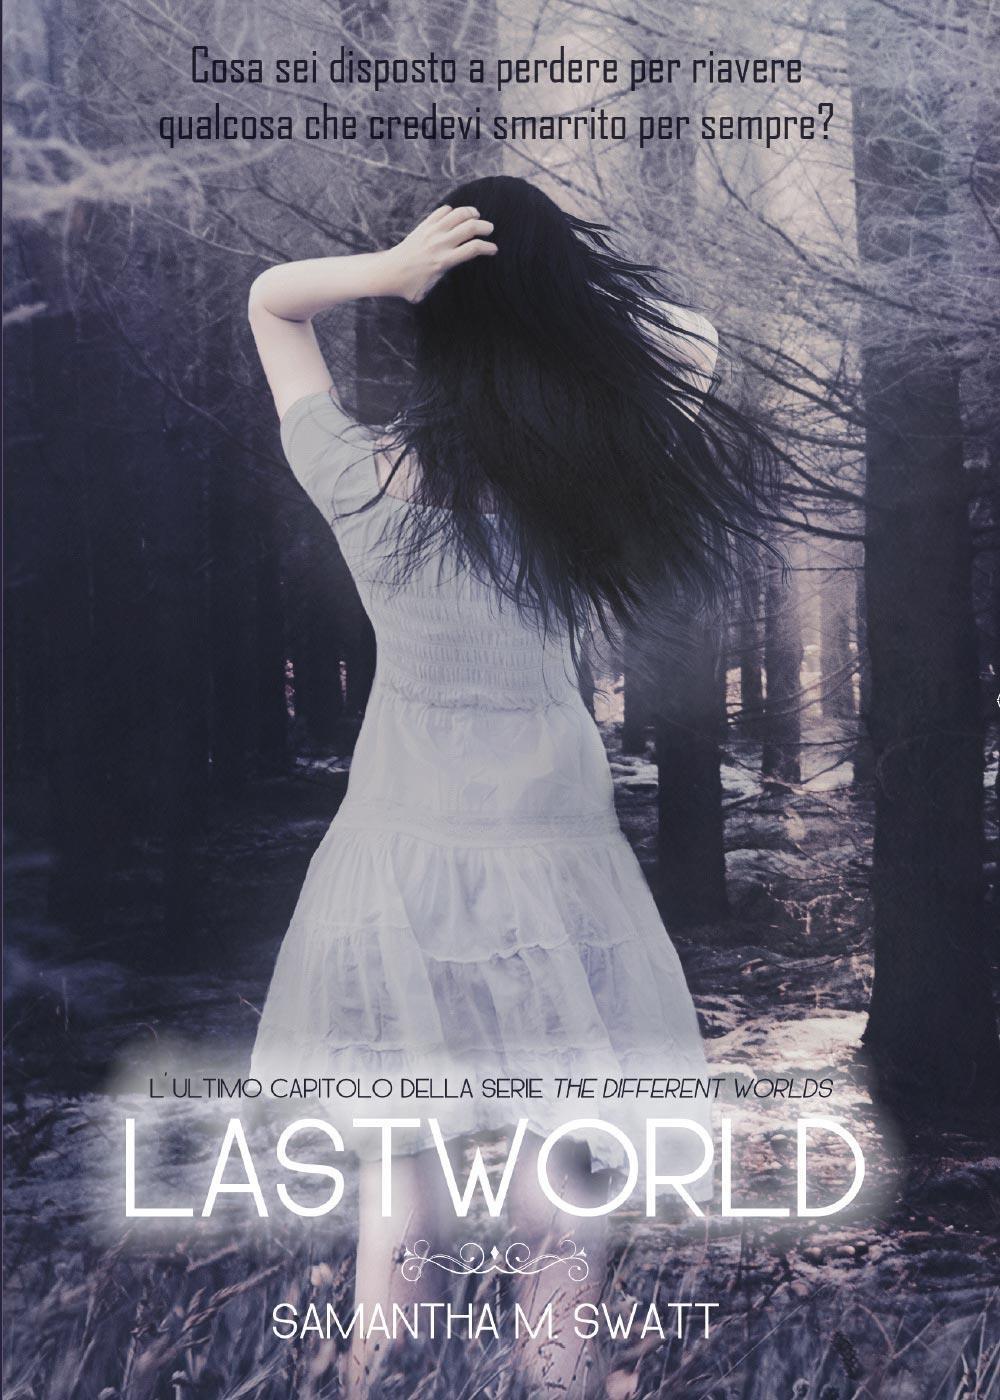 Lastworld (Different Worlds, #3)